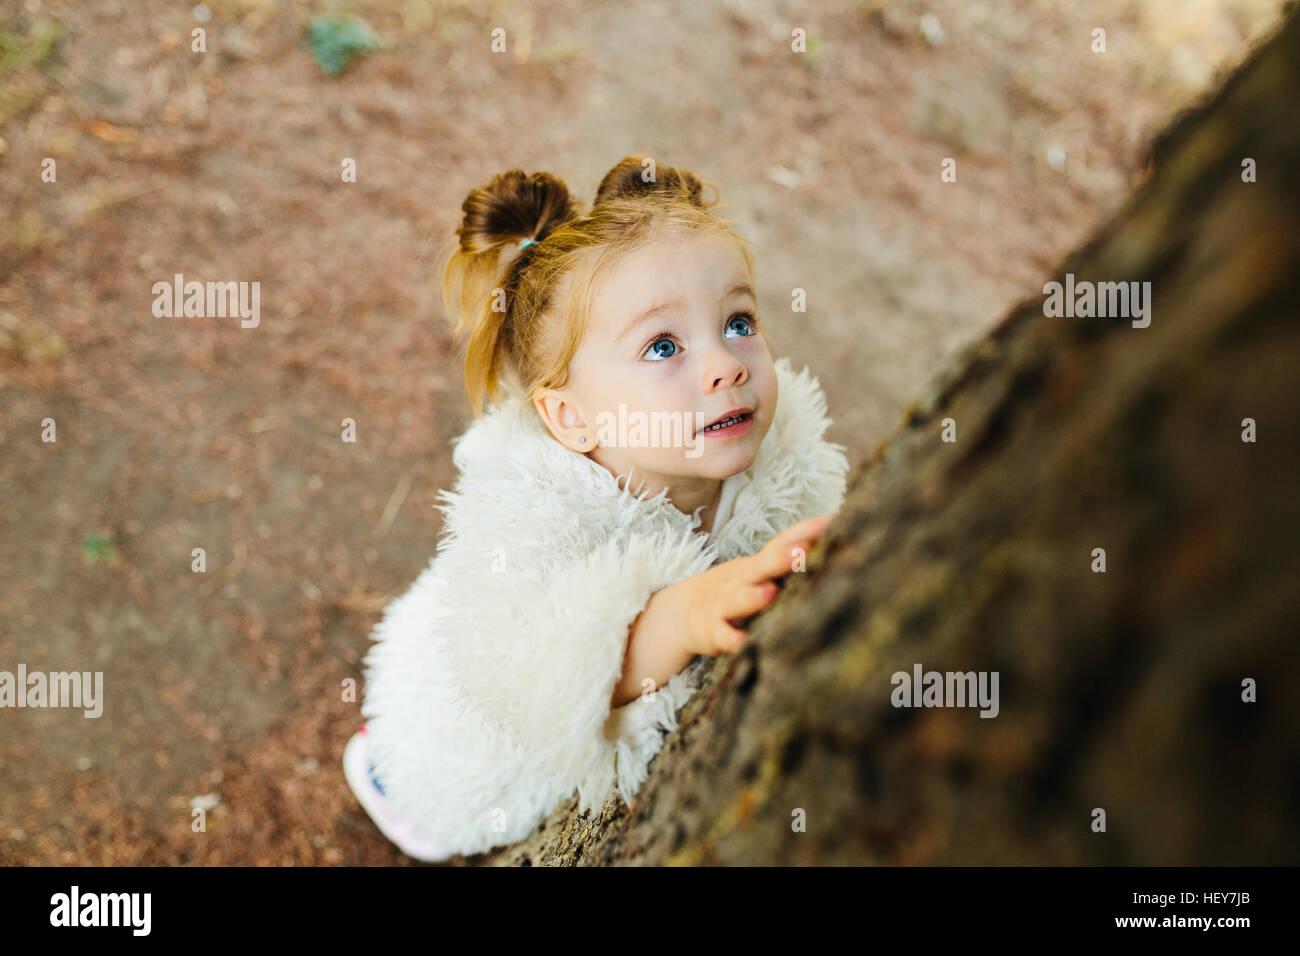 Cute little girl est jouer à l'extérieur Photo Stock